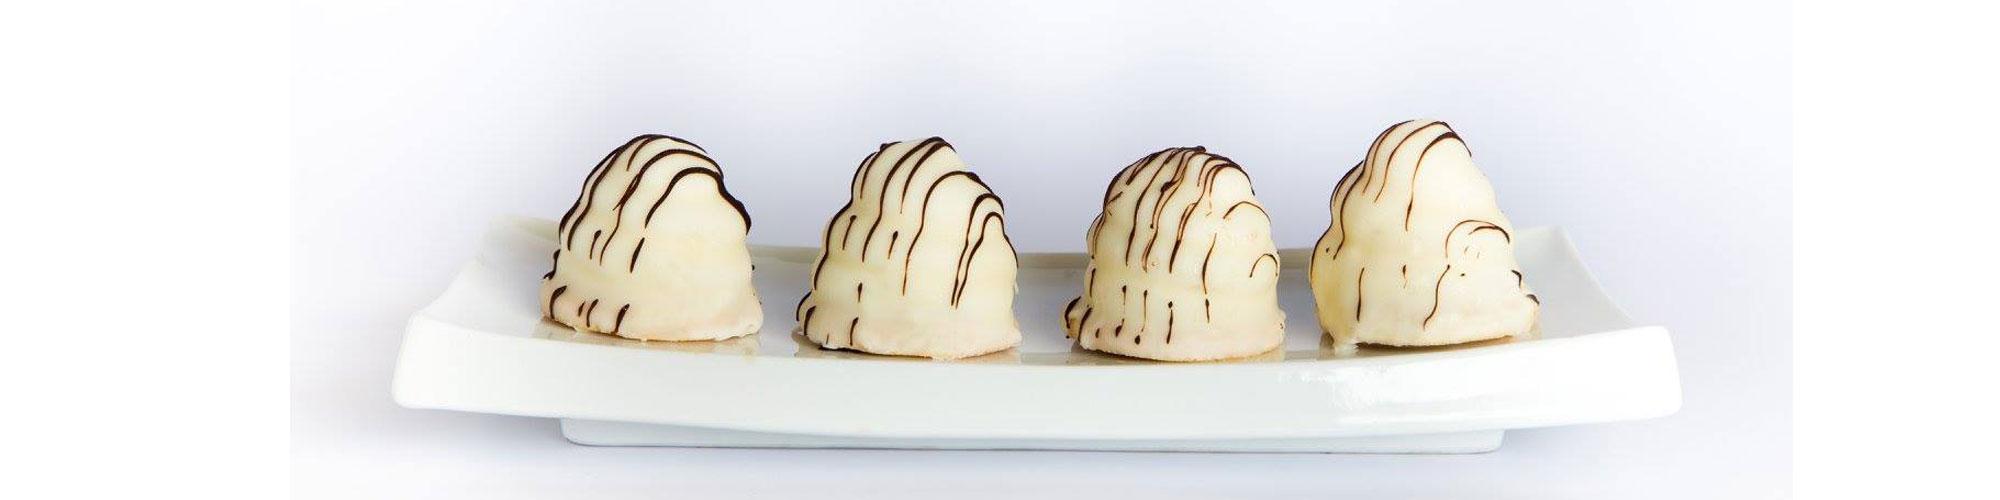 עוגת קרמבו לבן